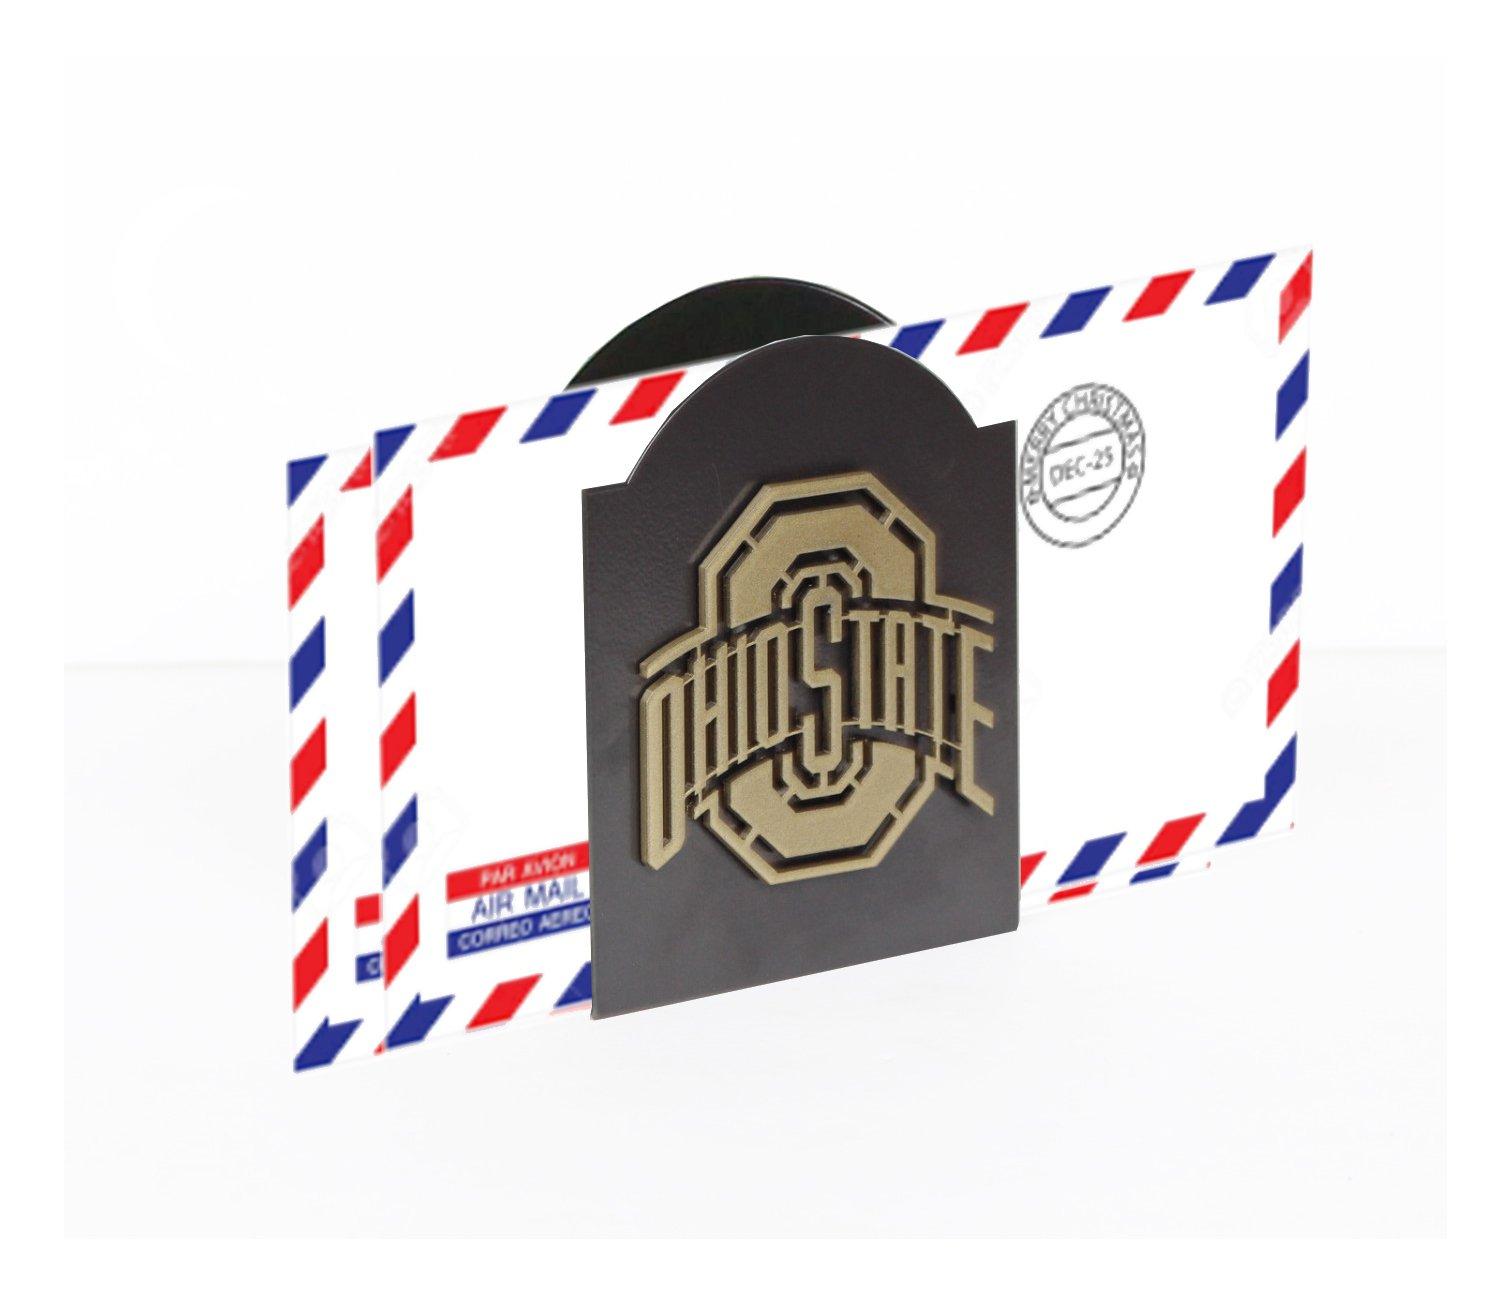 Henson Metal Works 4501-5 Ohio State University Logo Classic Letter Holder